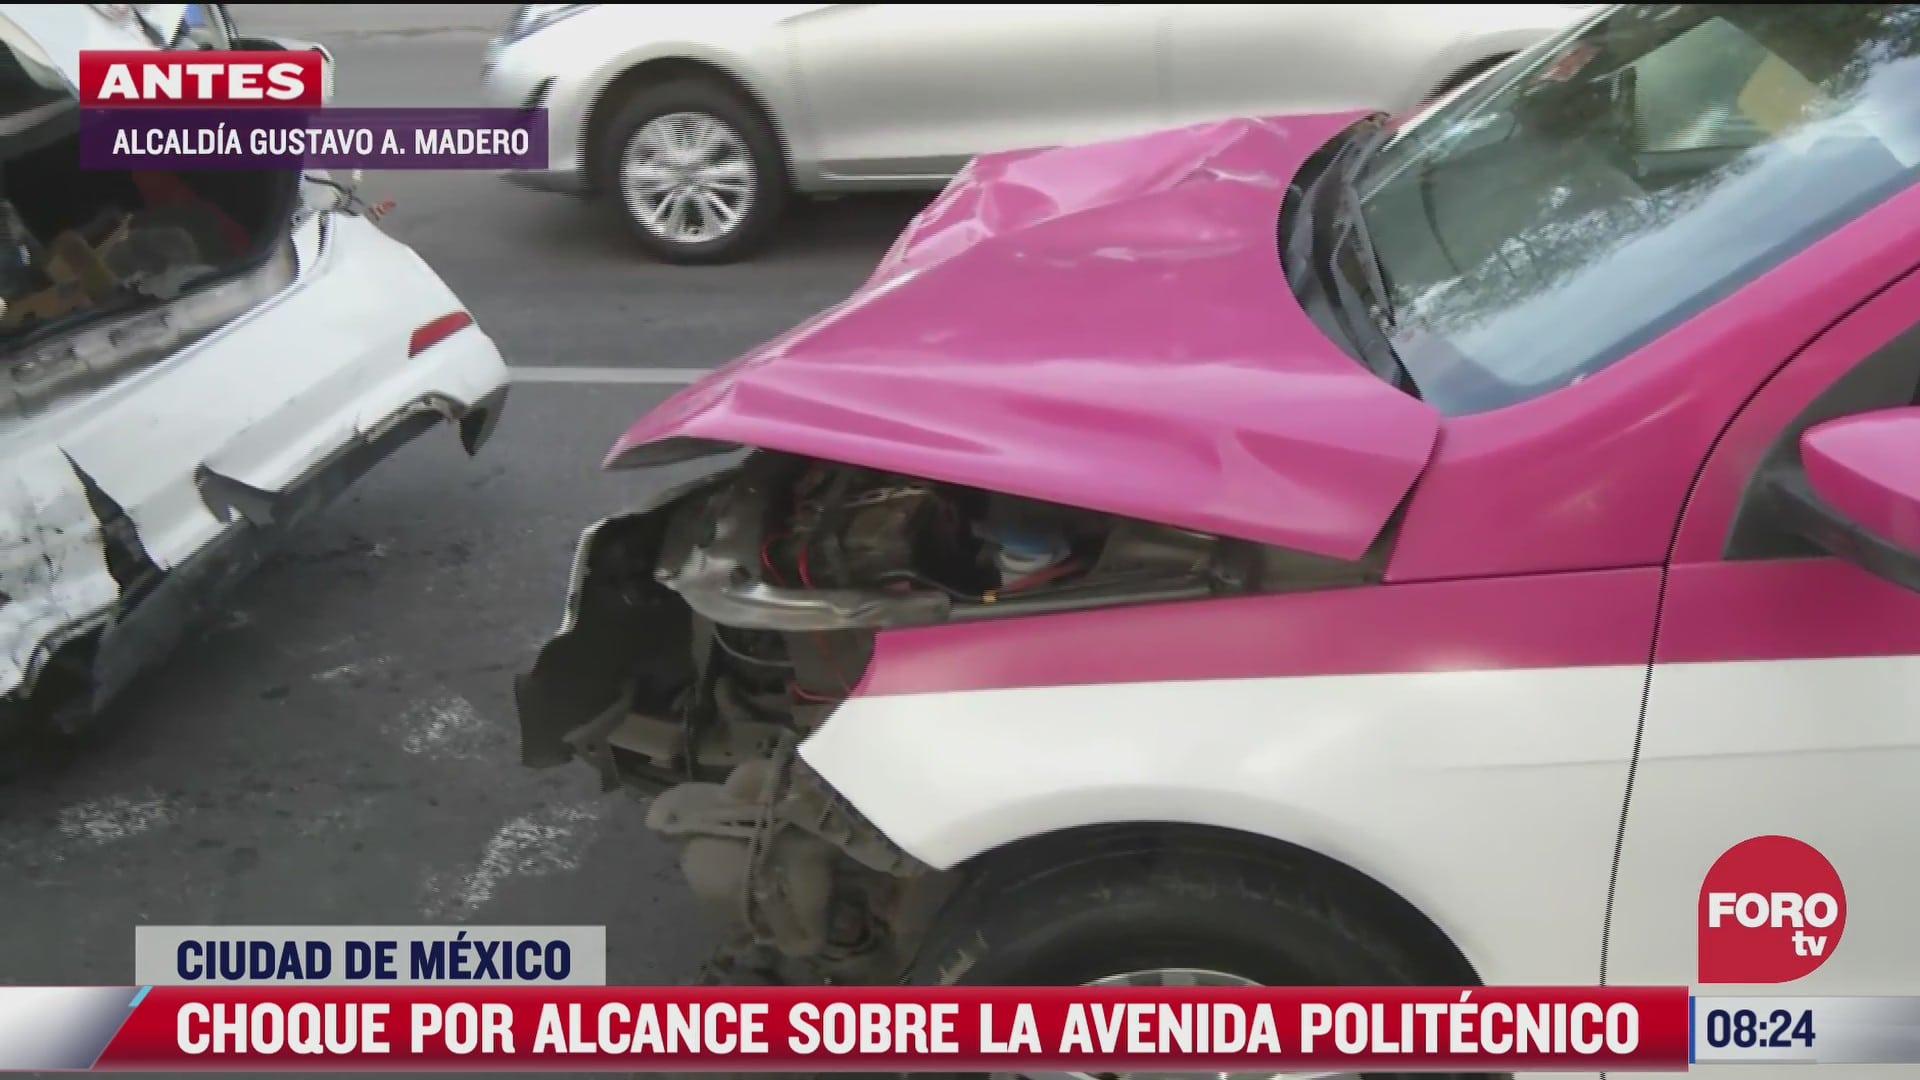 choque entre cuatro vehiculos en avenida politecnico nacional deja dos lesionados